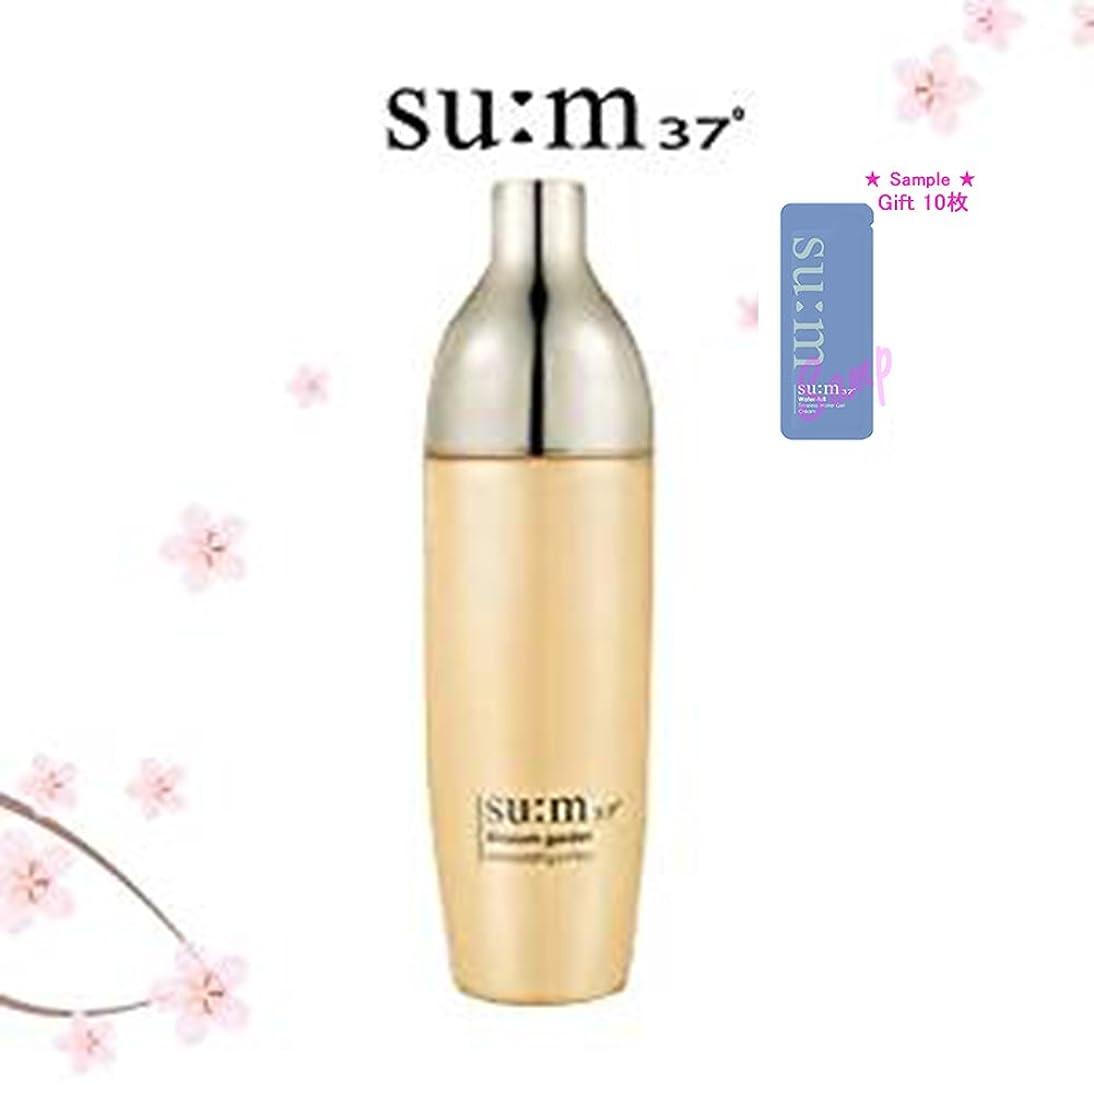 調整指定奴隷sum37(スム37)ブロッサムガーデンモイスチャライジングスキン150ml(blossom garden moisturizing skin)